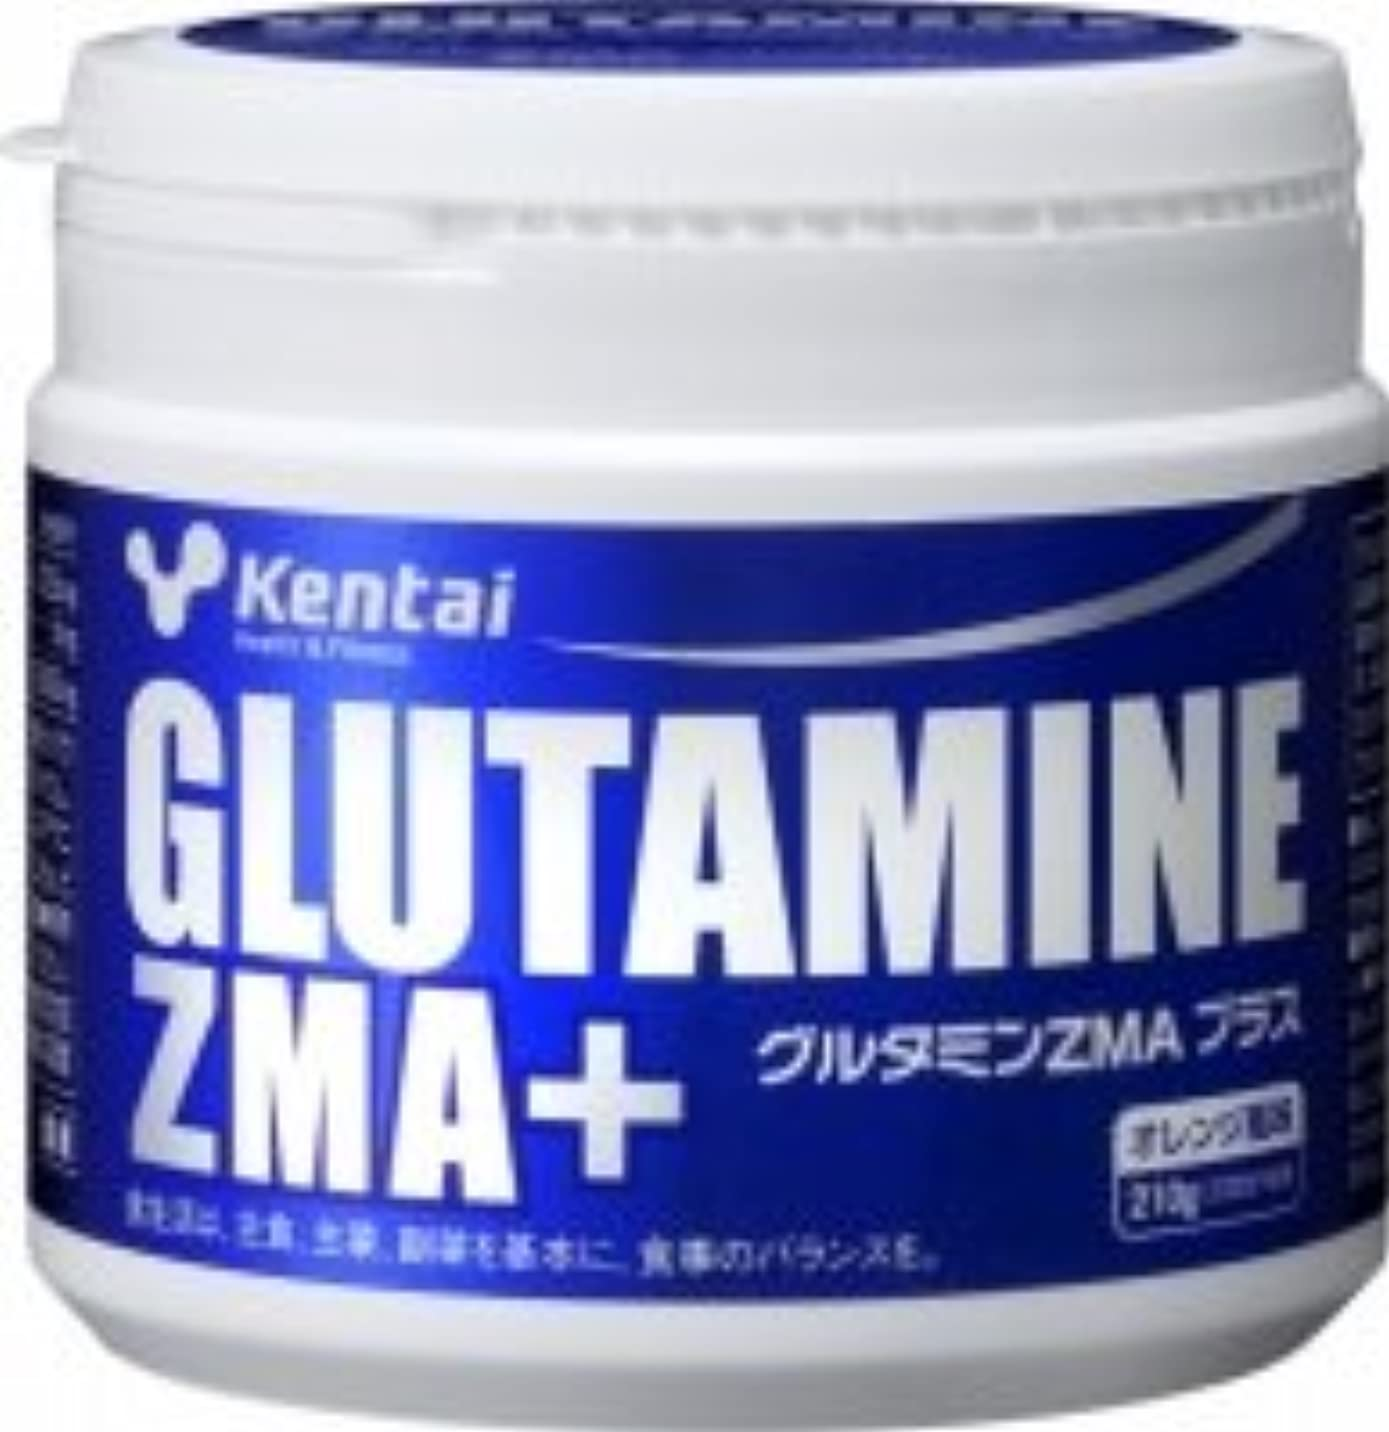 ノベルティポンペイヘア【健康体力研究所 (Kentai)】 グルタミンZMAプラス 210g